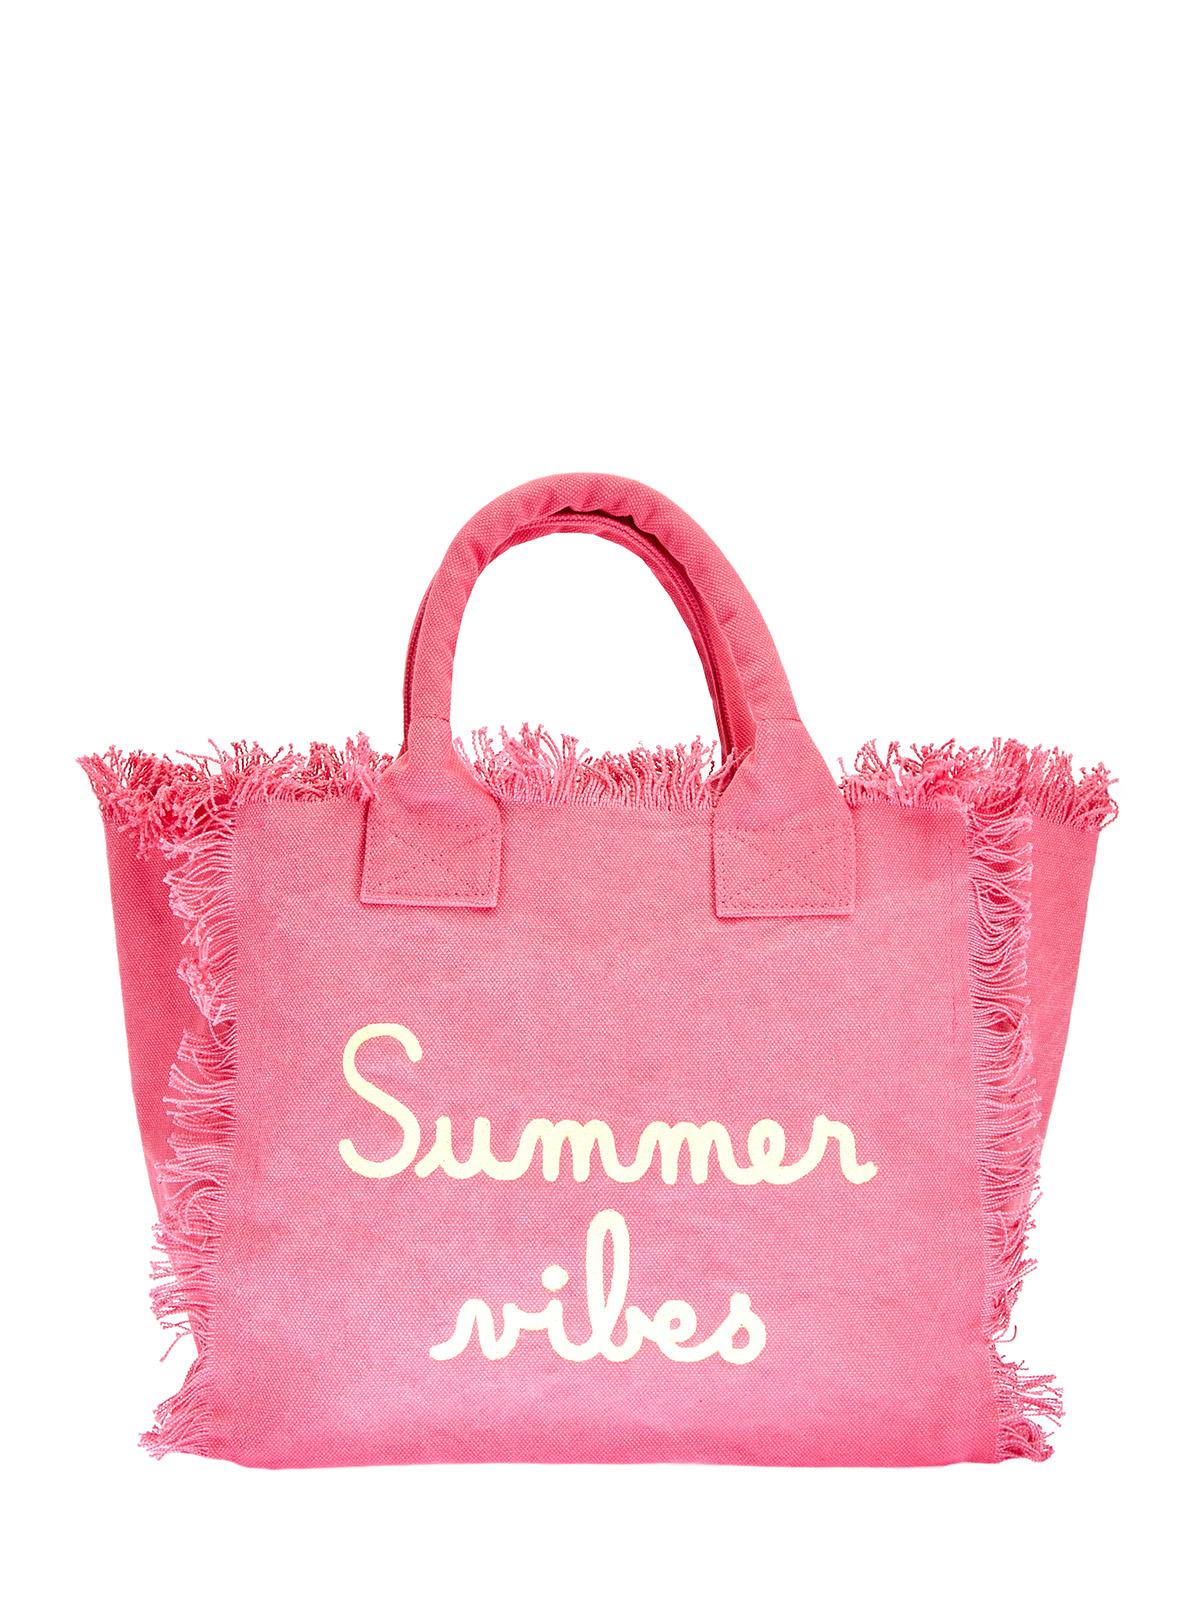 Хлопковая пляжная сумка с вышивкой-леттерингом